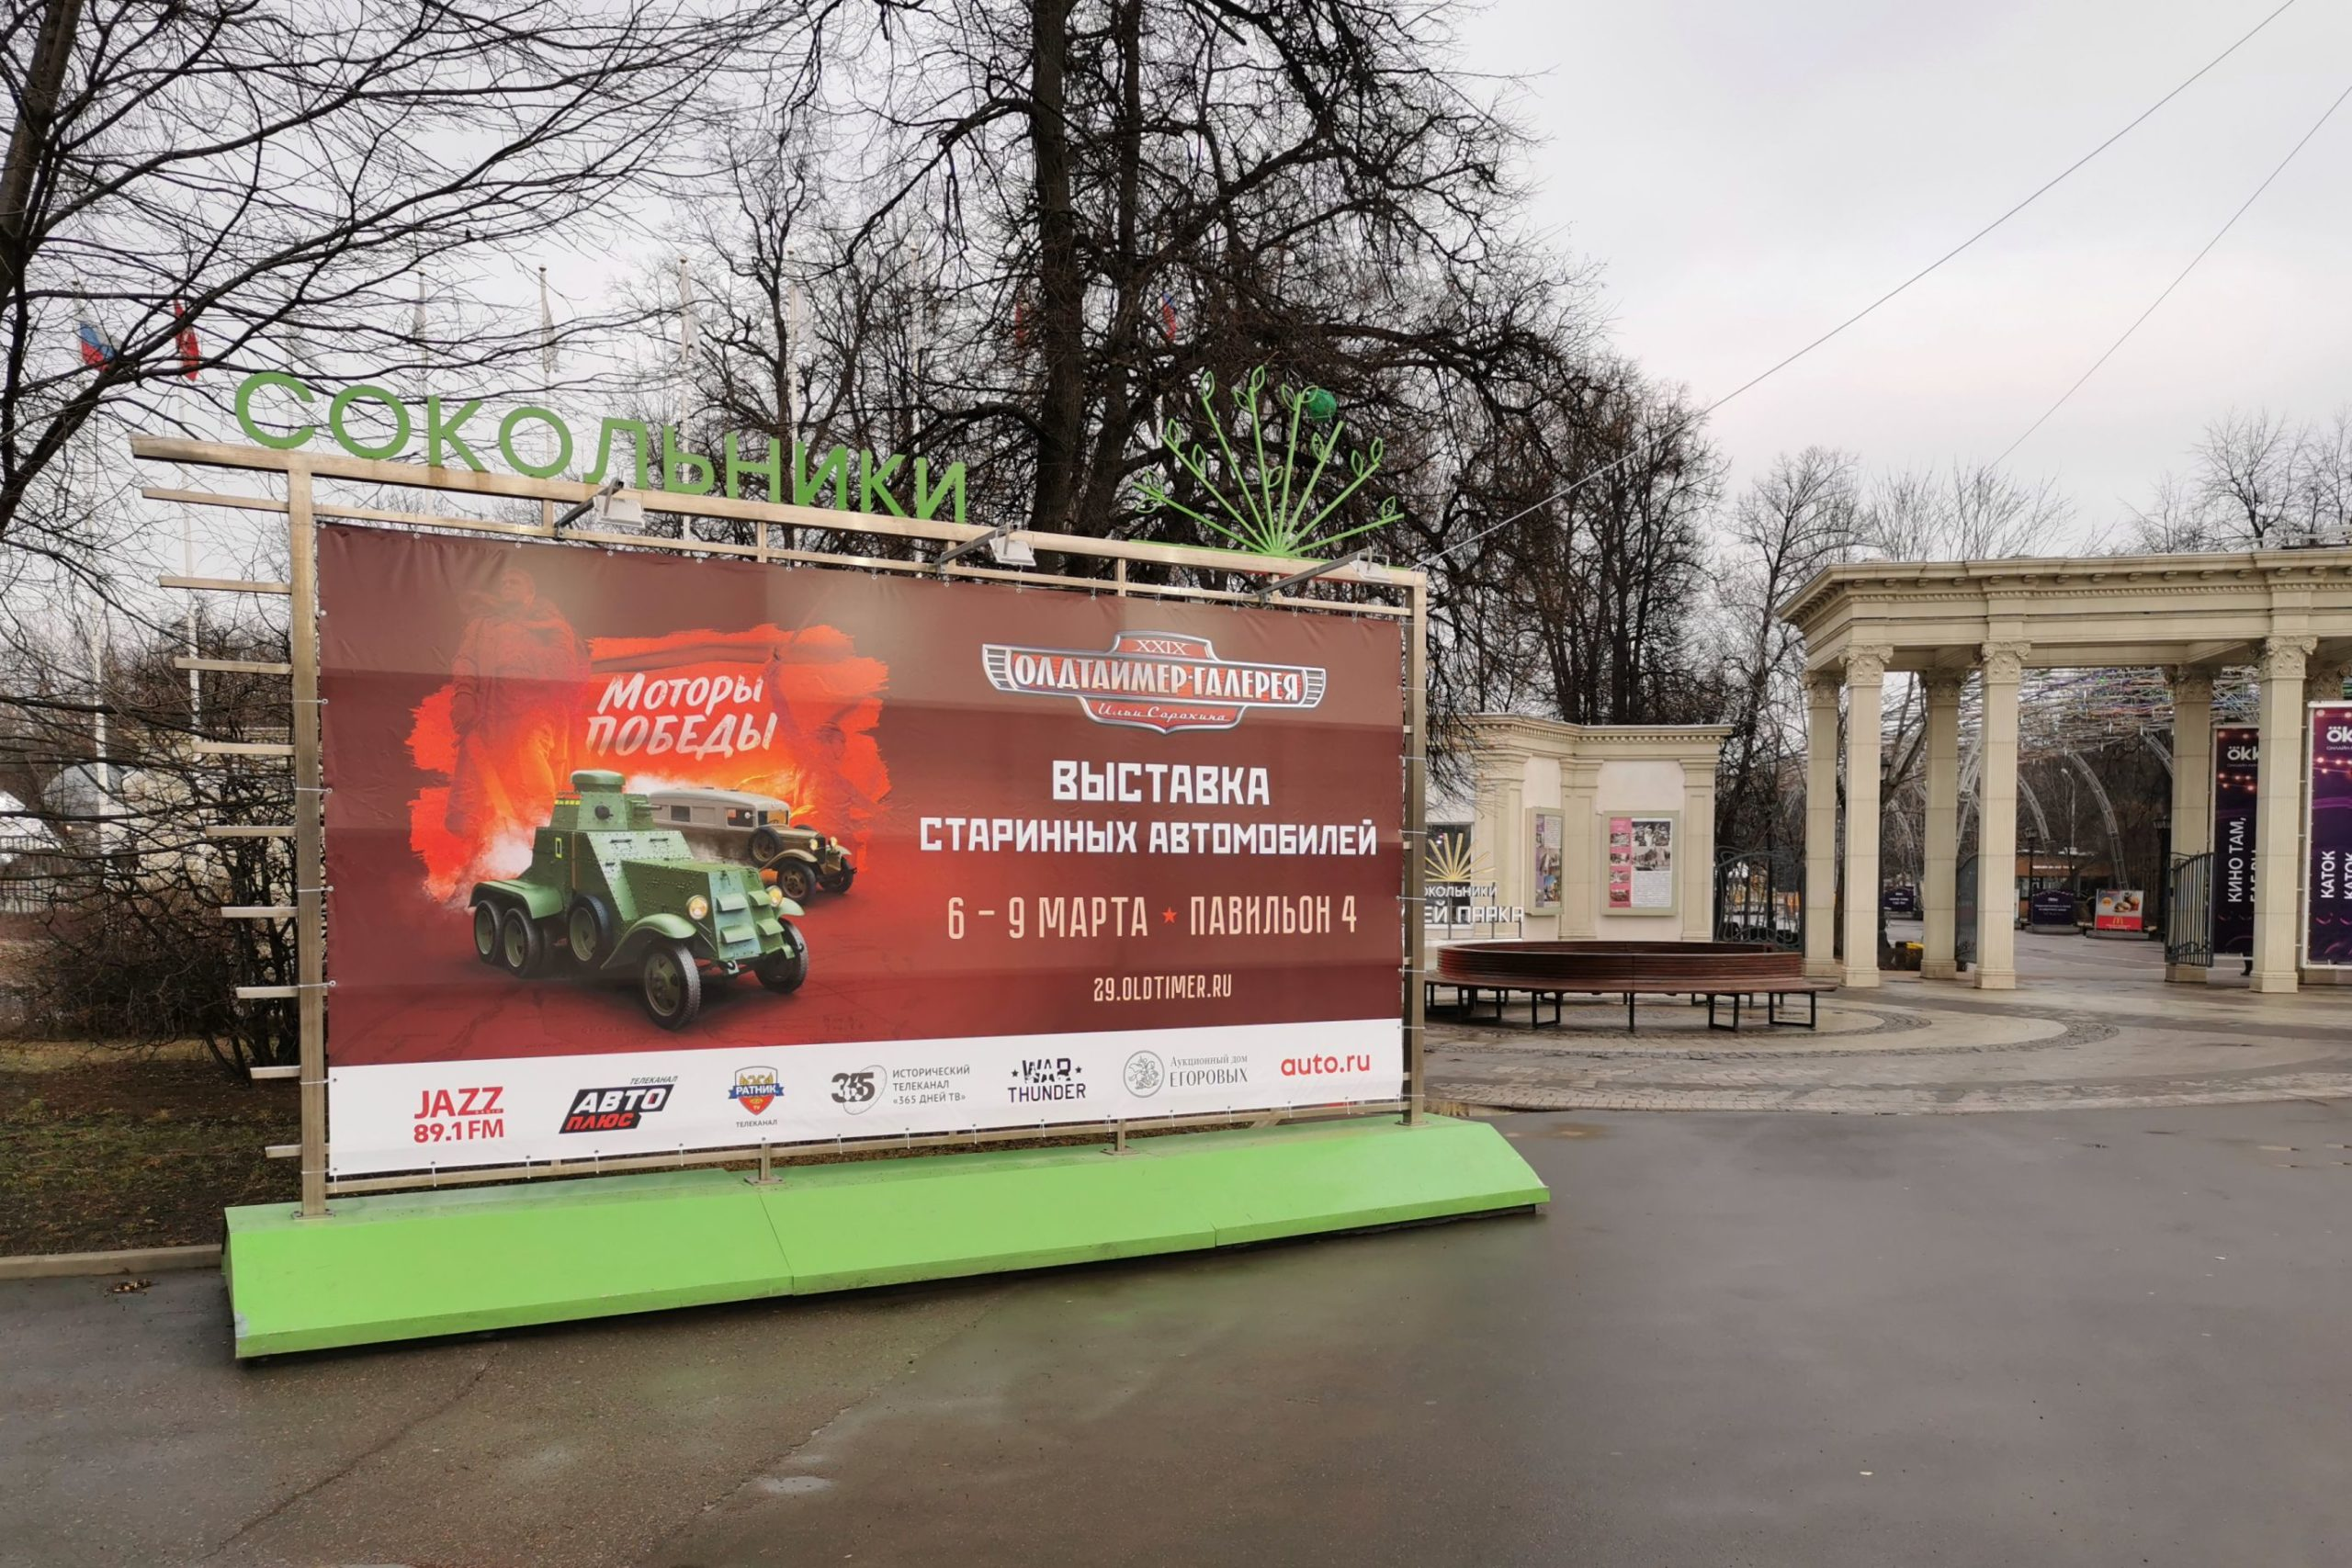 Олдтаймер-галерея 2020 в Сокольниках